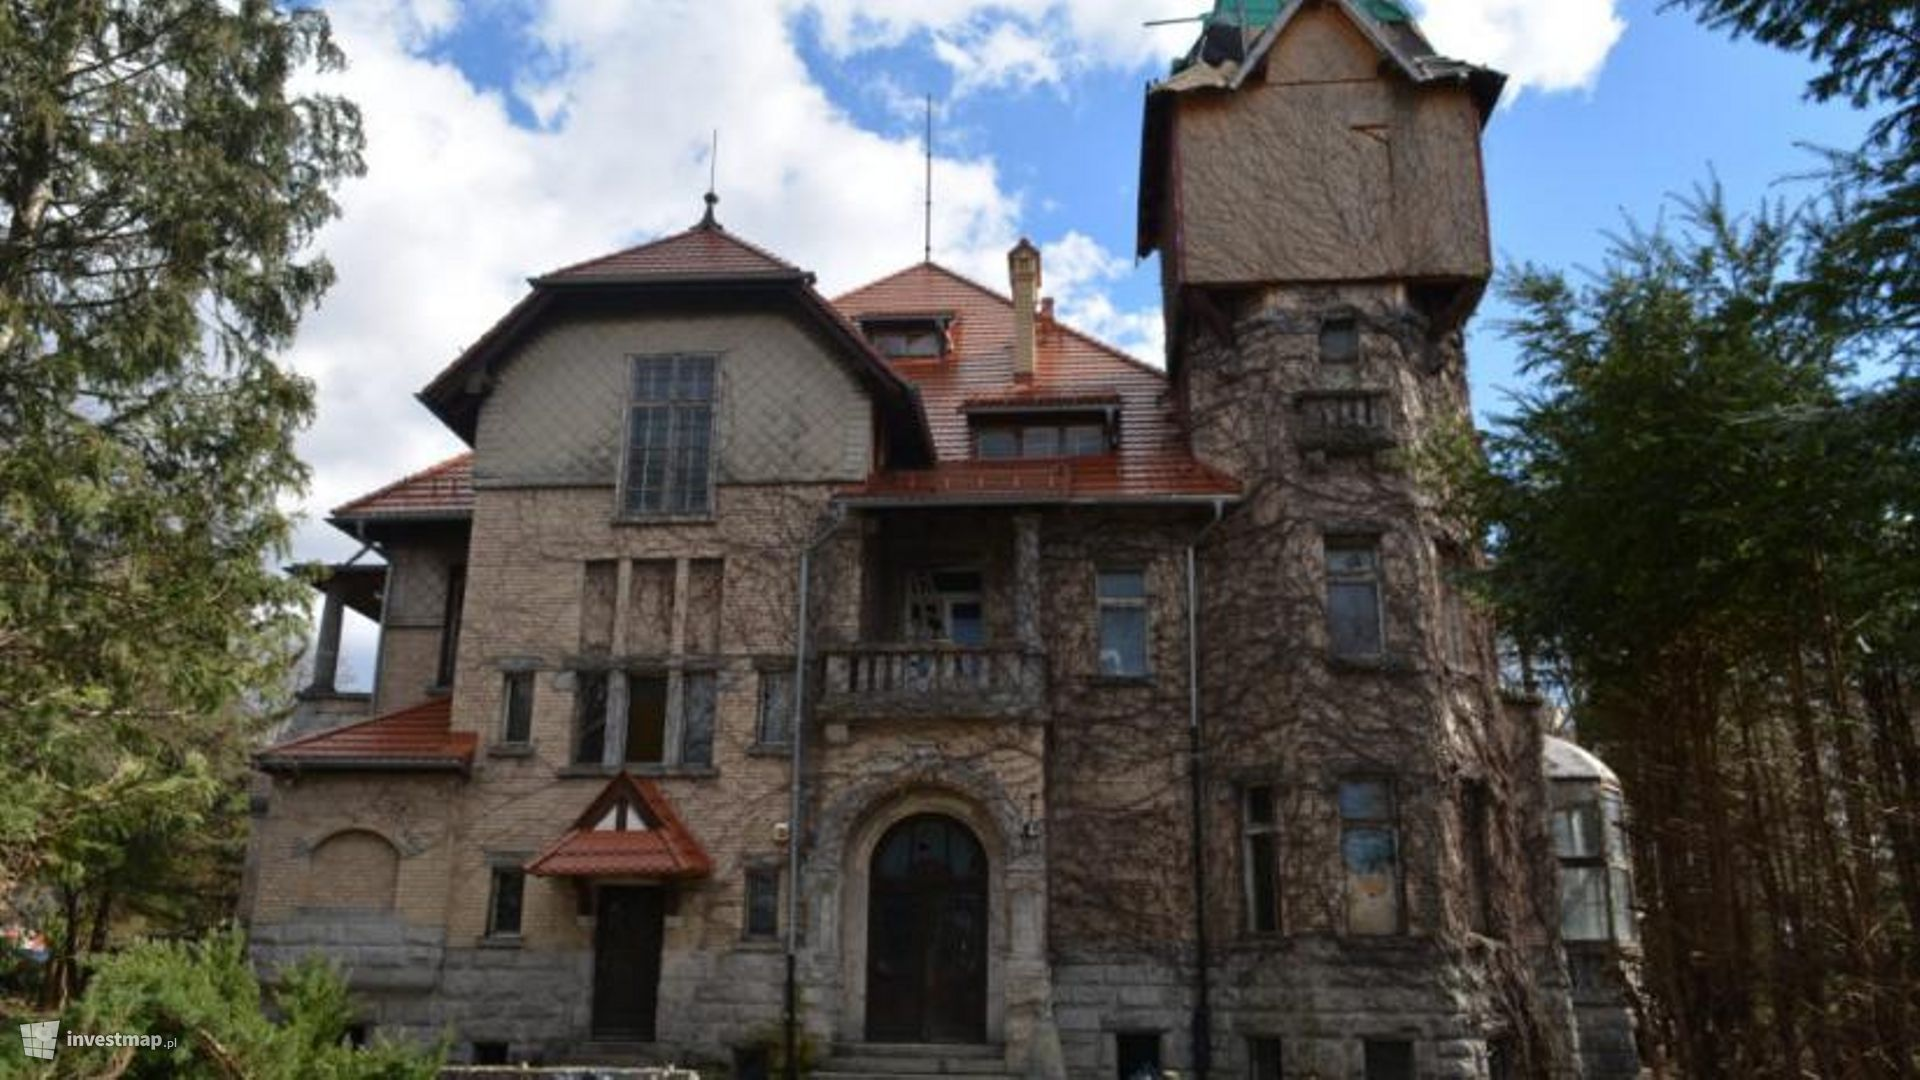 Renowacja zabytkowego zespołu pałacowo-parkowego, al. Jana Pawła II 18